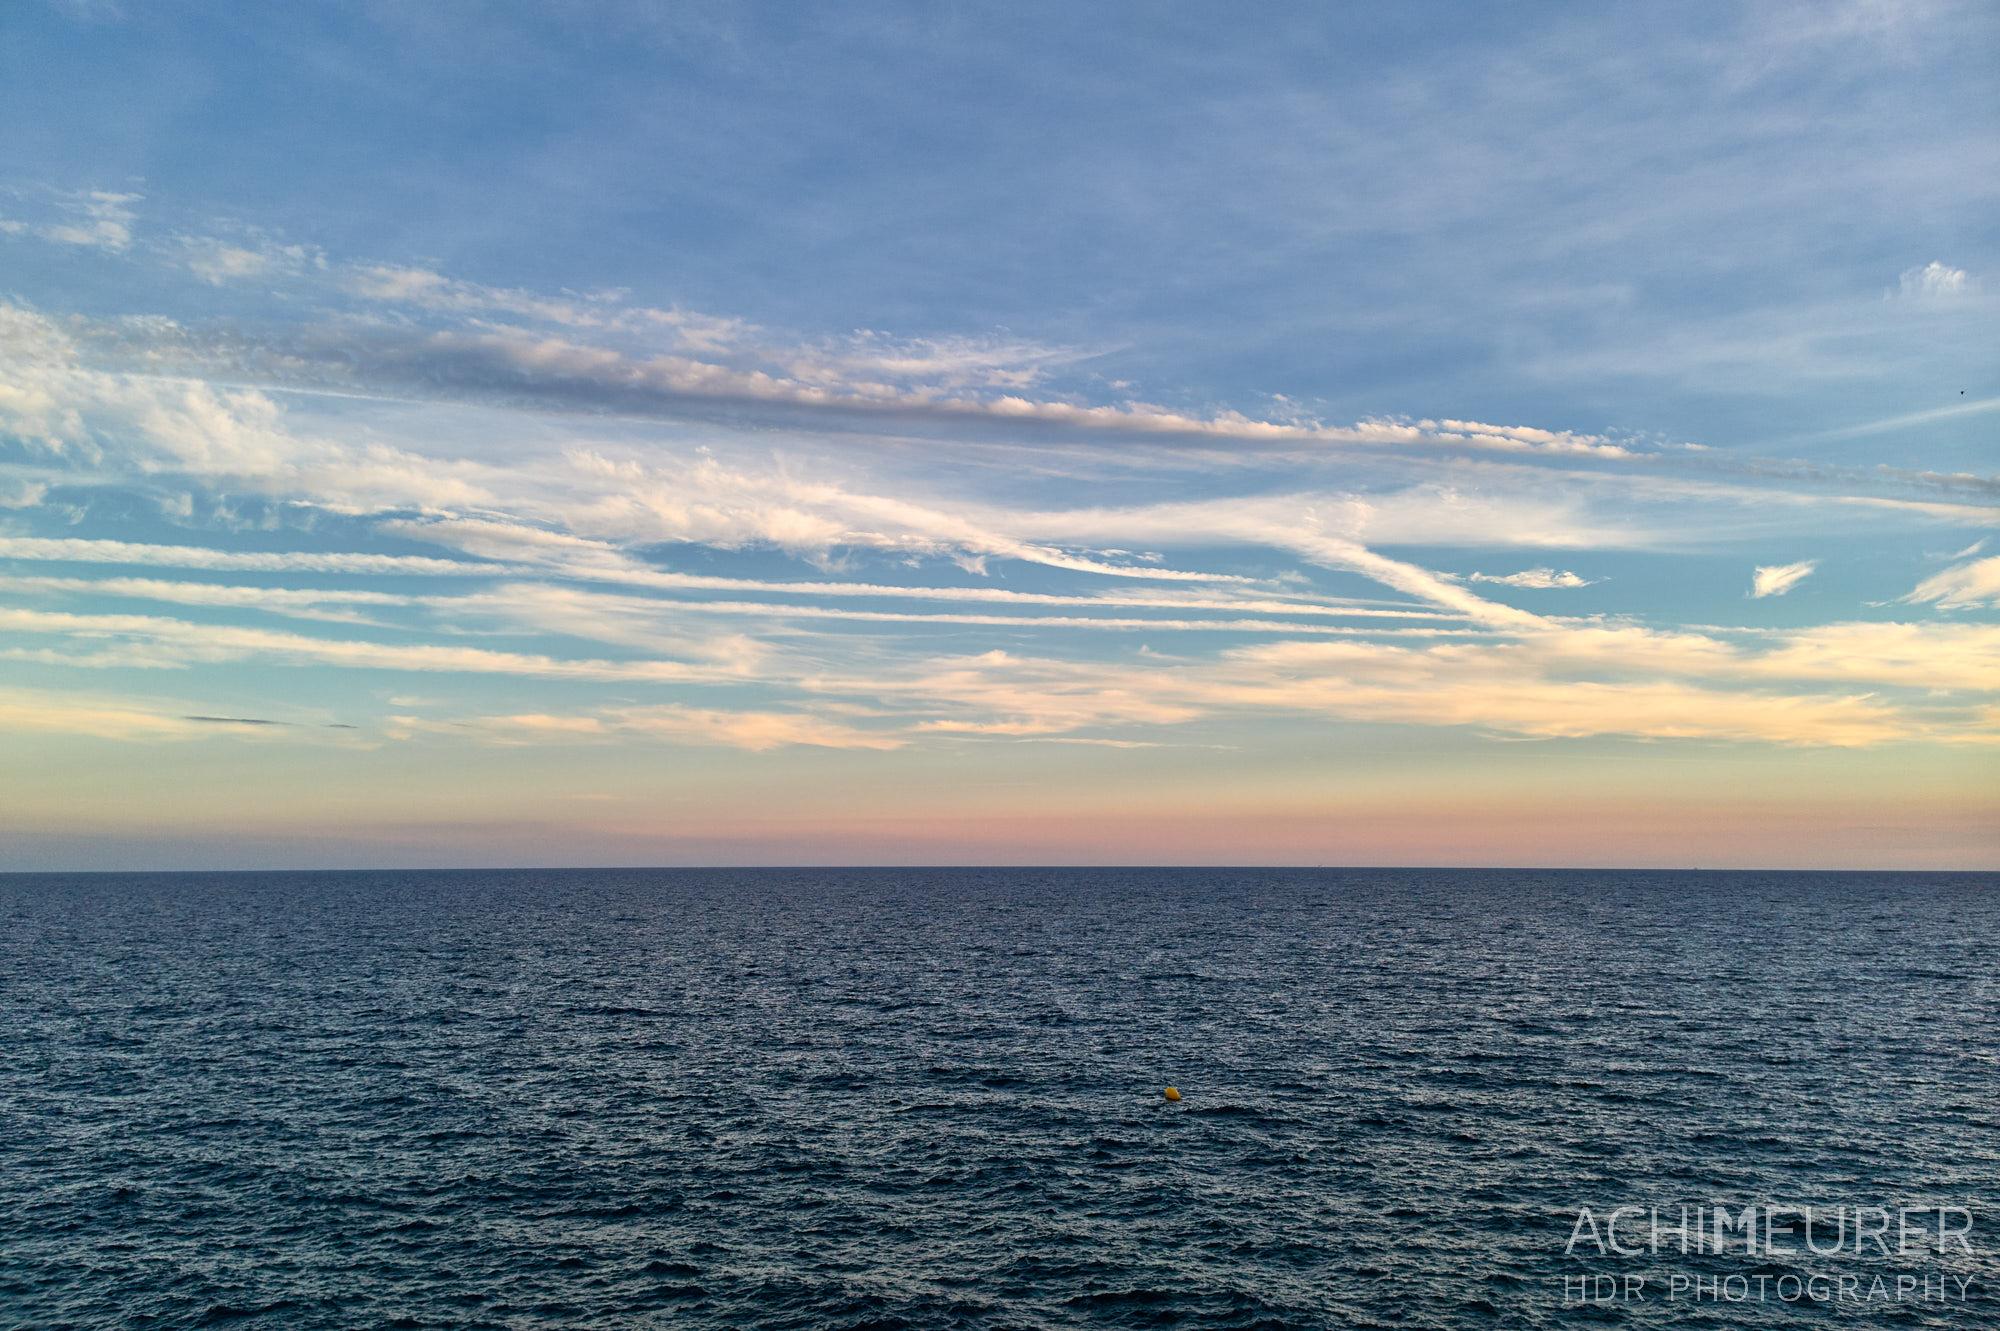 Sonnenuntergang an der Küste von Salou, Katalonien, Spanien by Achim Meurer.